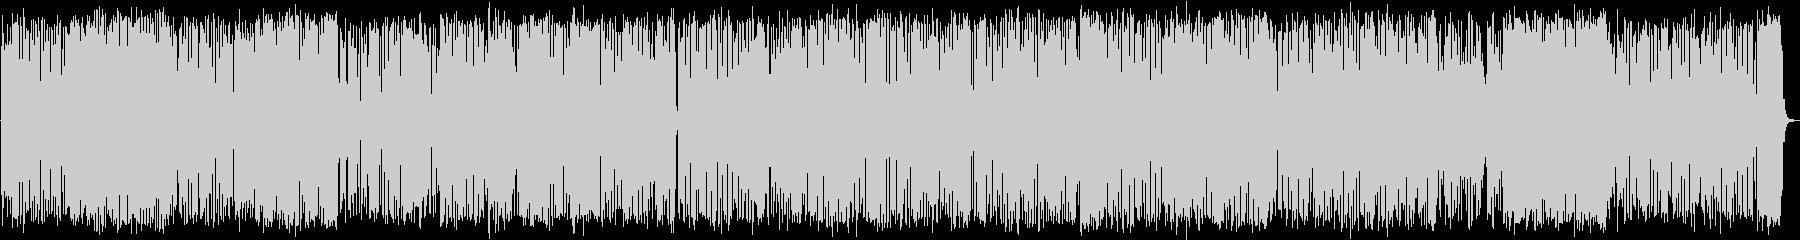 けだるく軽快なトランペットジャズ・ハウスの未再生の波形